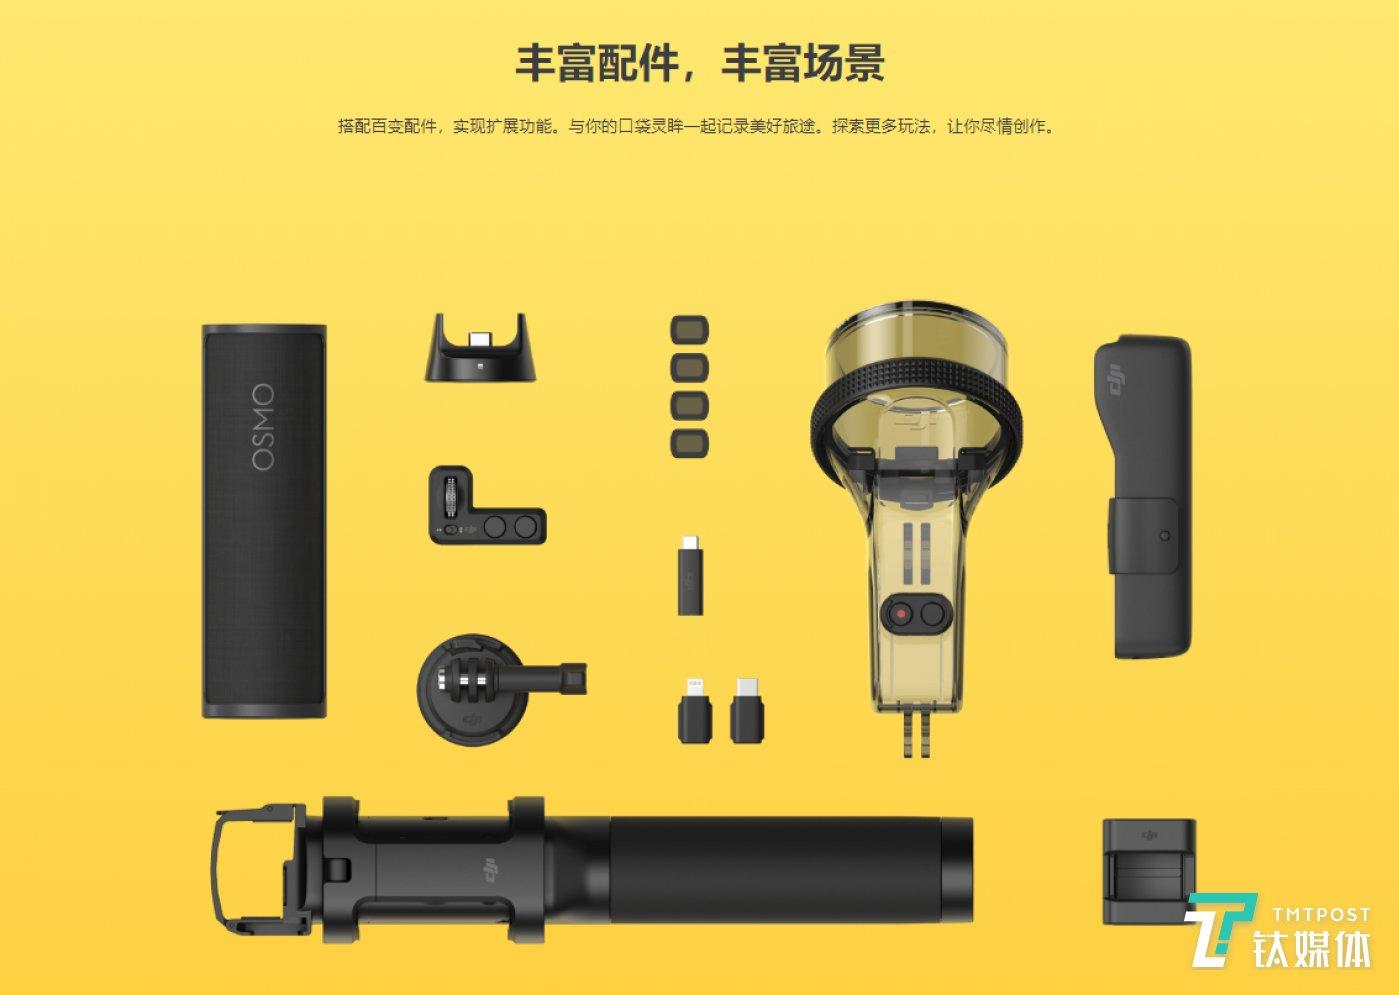 大疆灵眸口袋相机已经有了一些配件可供选择